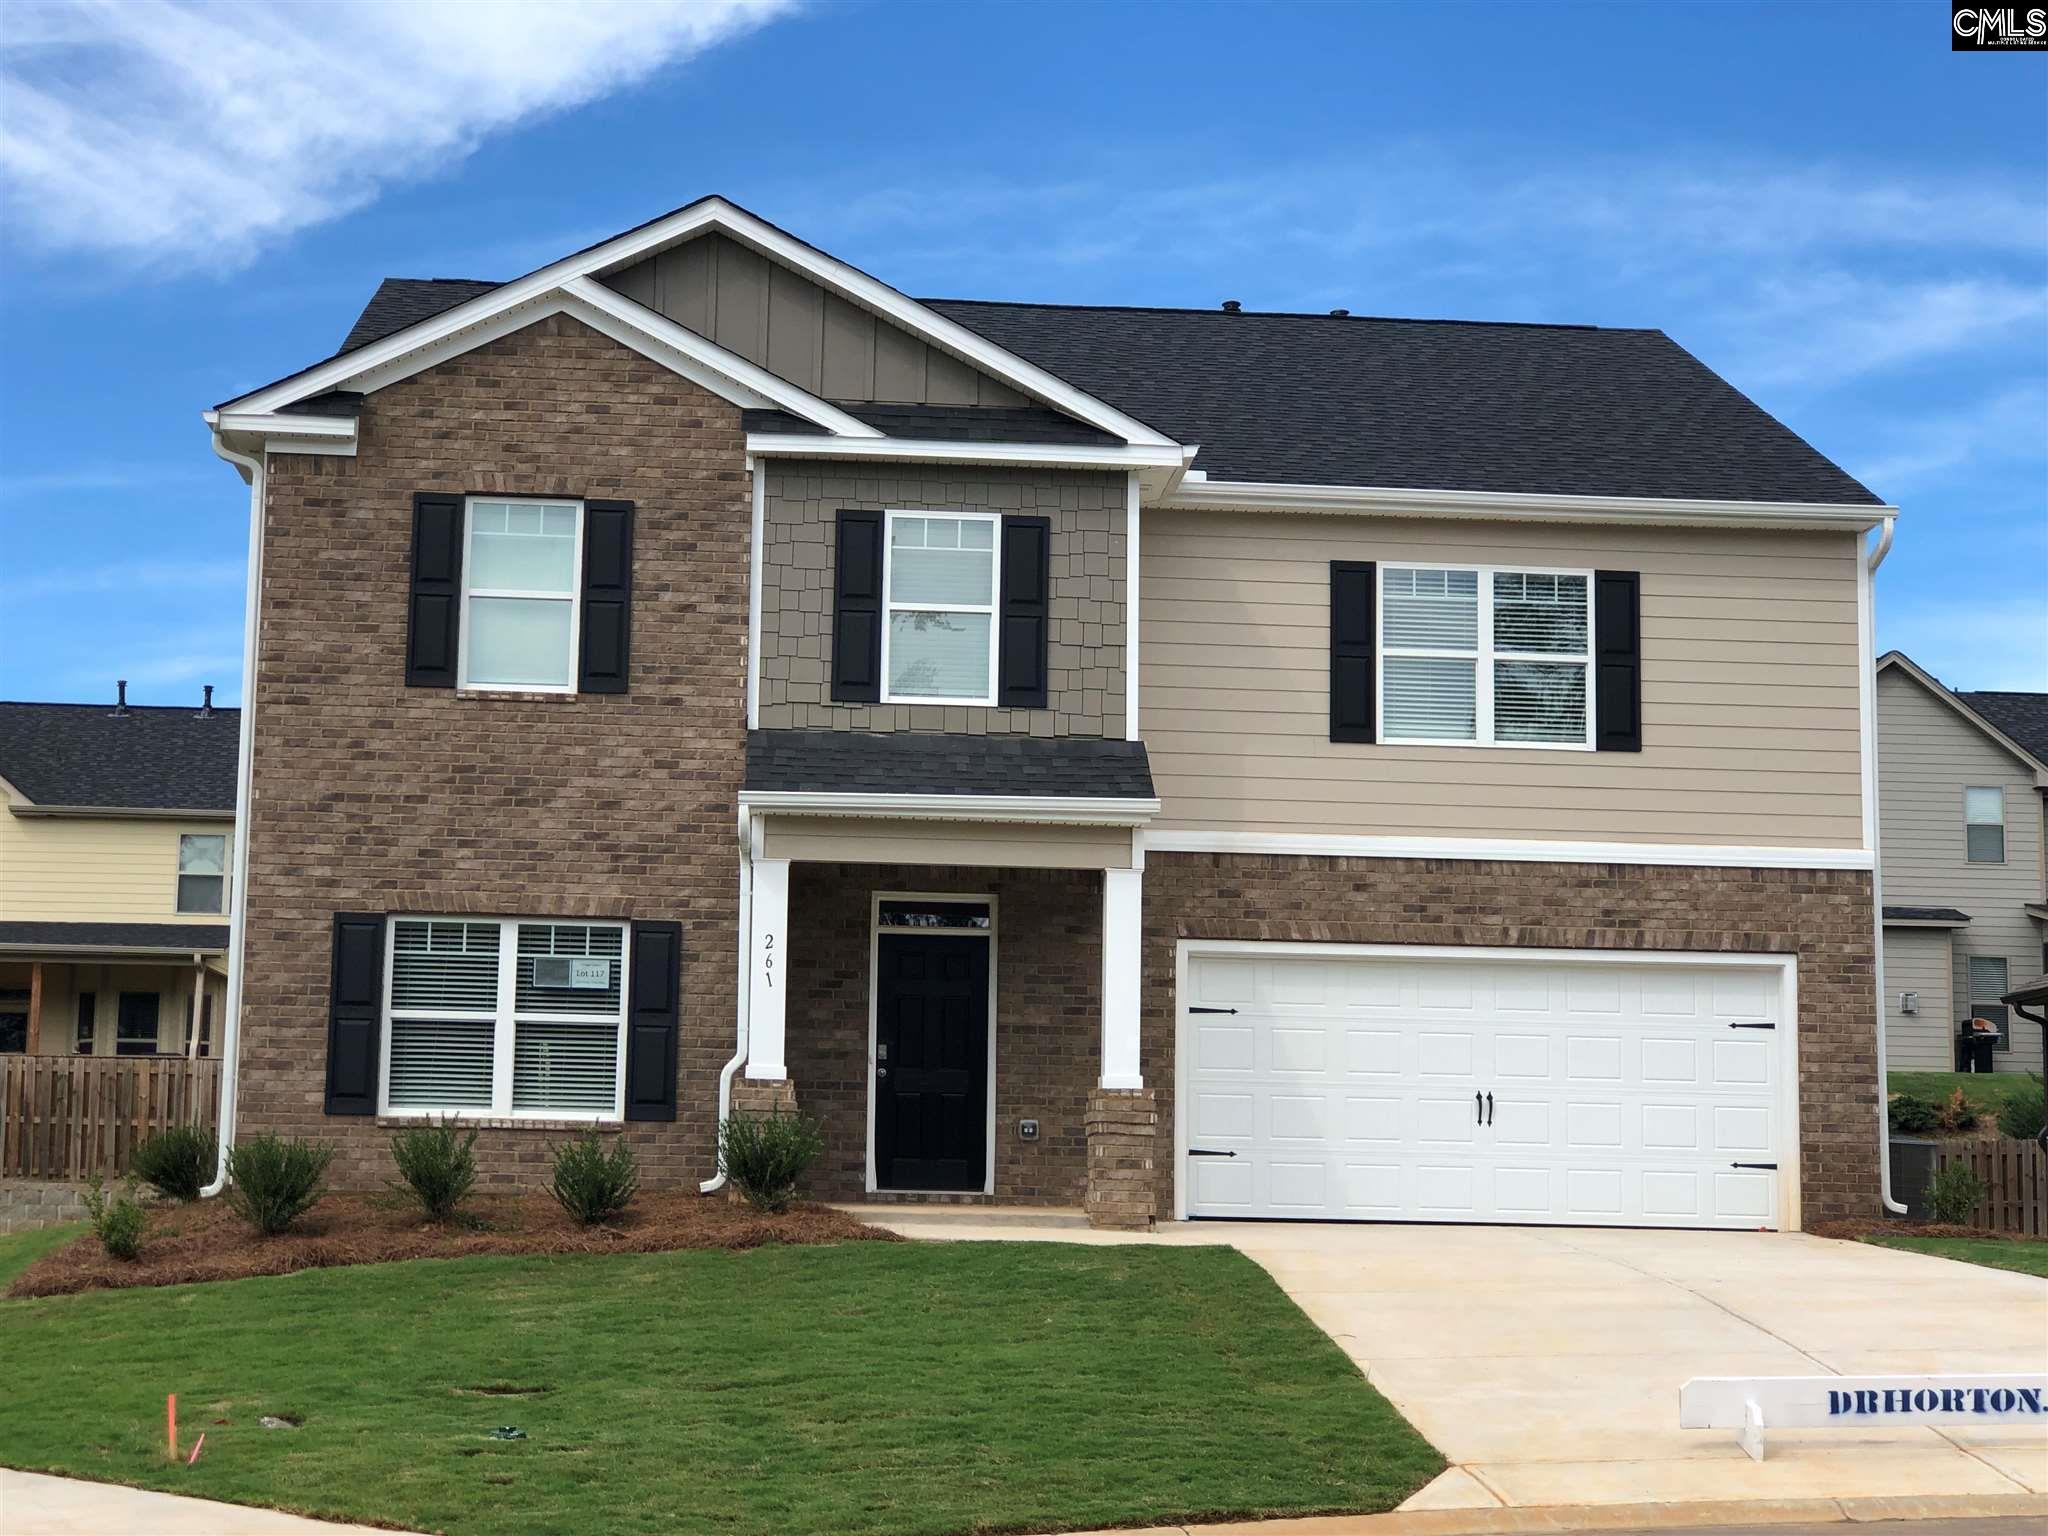 216 Village View Lexington, SC 29072